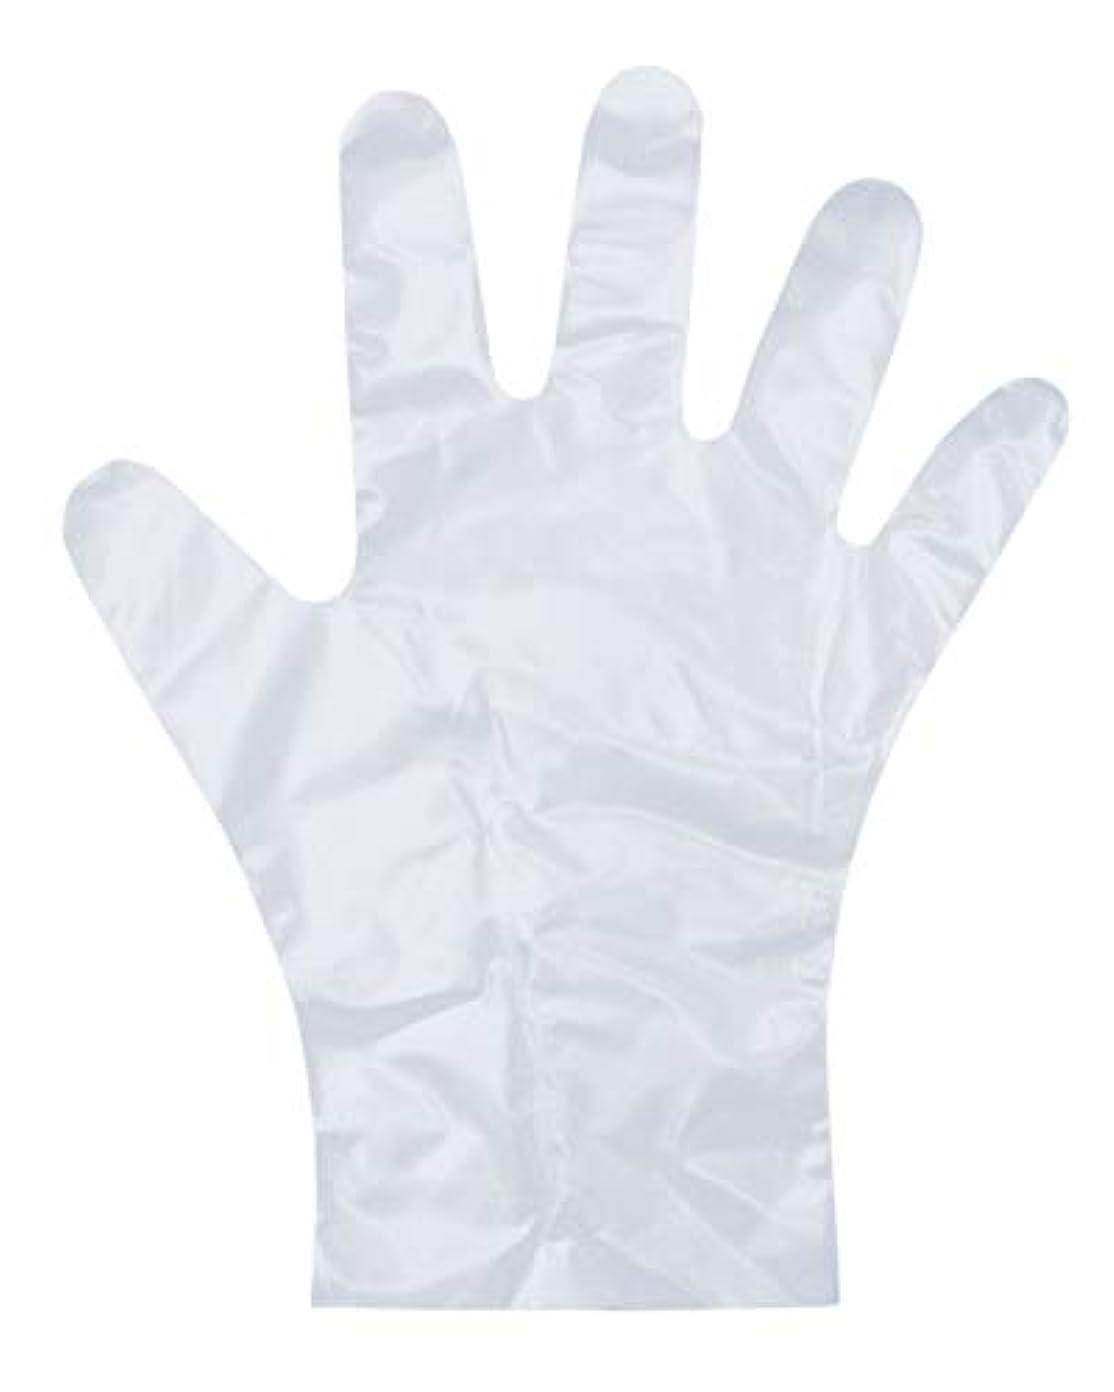 ダンロップ ホームプロダクツ ビニール手袋 ポリエチレン エンボス 半透明 M 調理 毛染め ペンキ塗り PD-110 100枚入